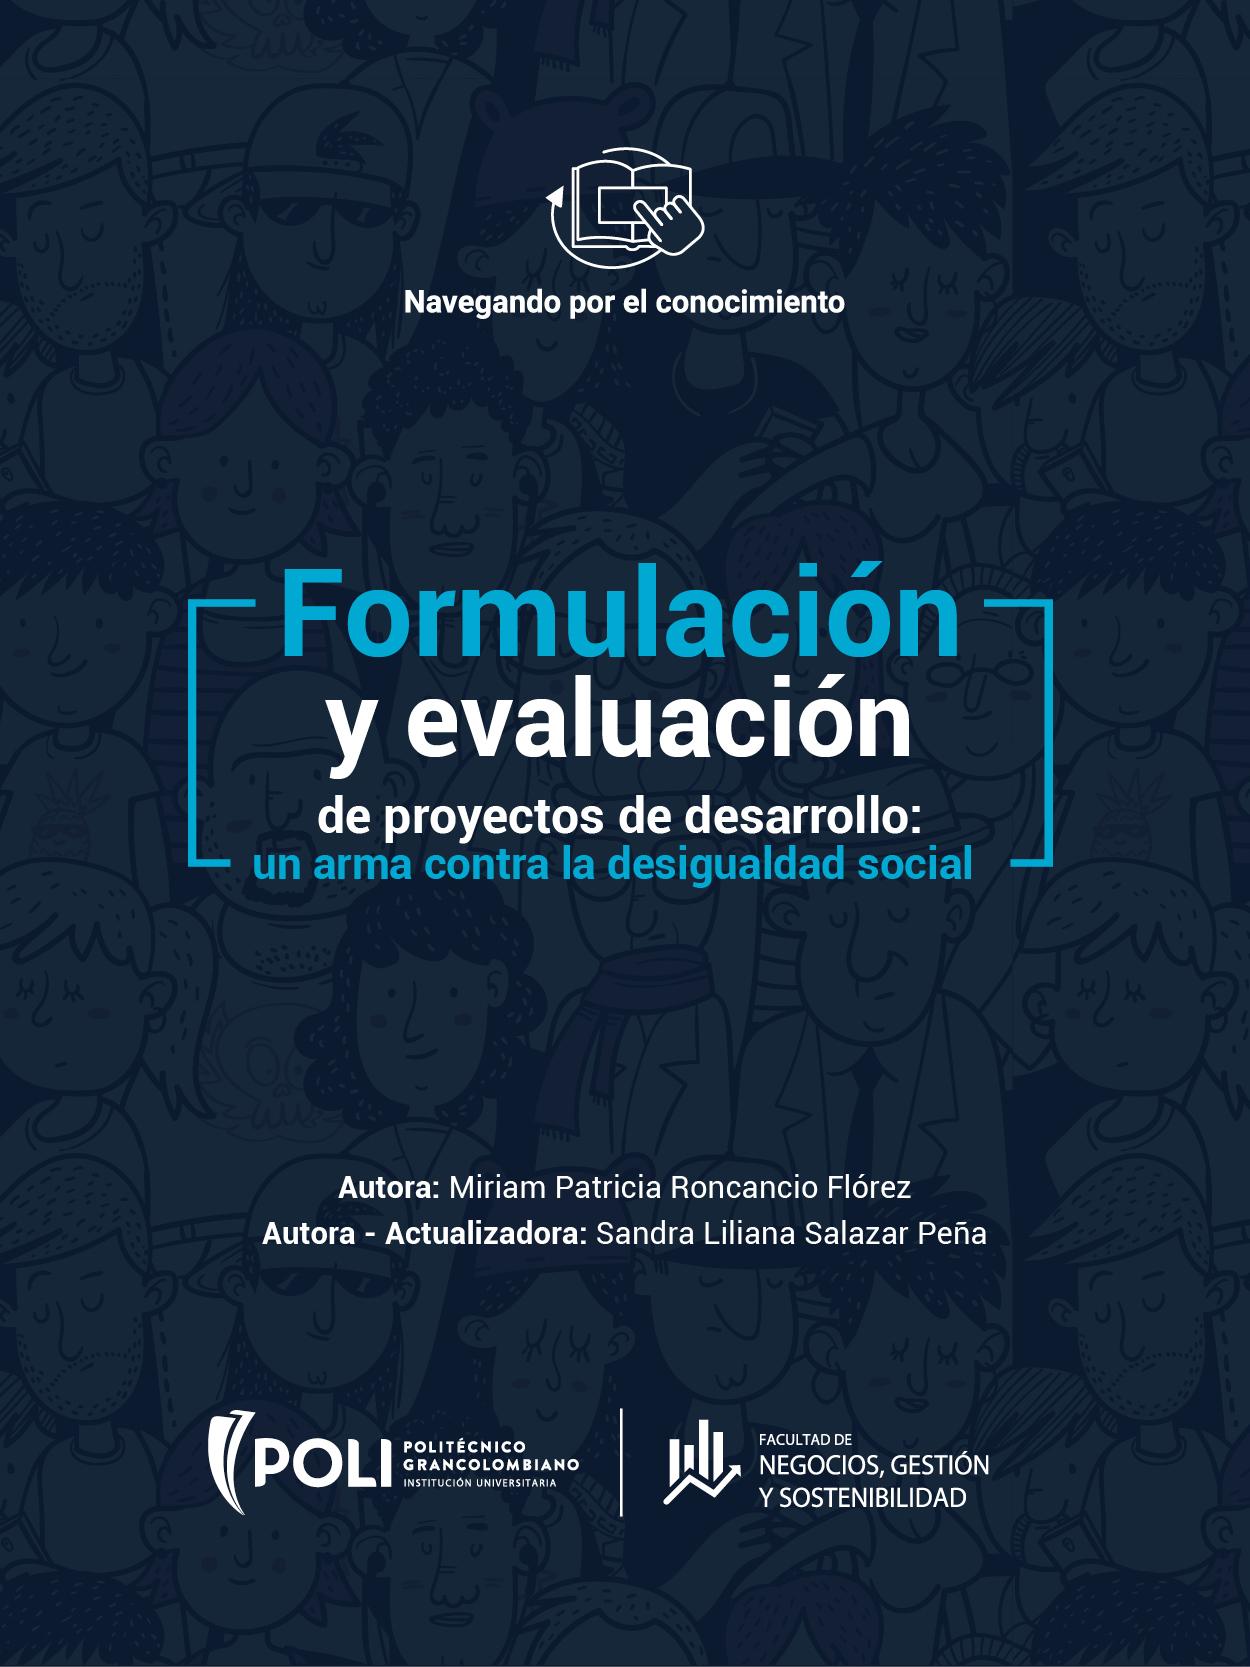 Formulación y evaluación de proyectos de desarrollo: un arma contra la desigualdad social